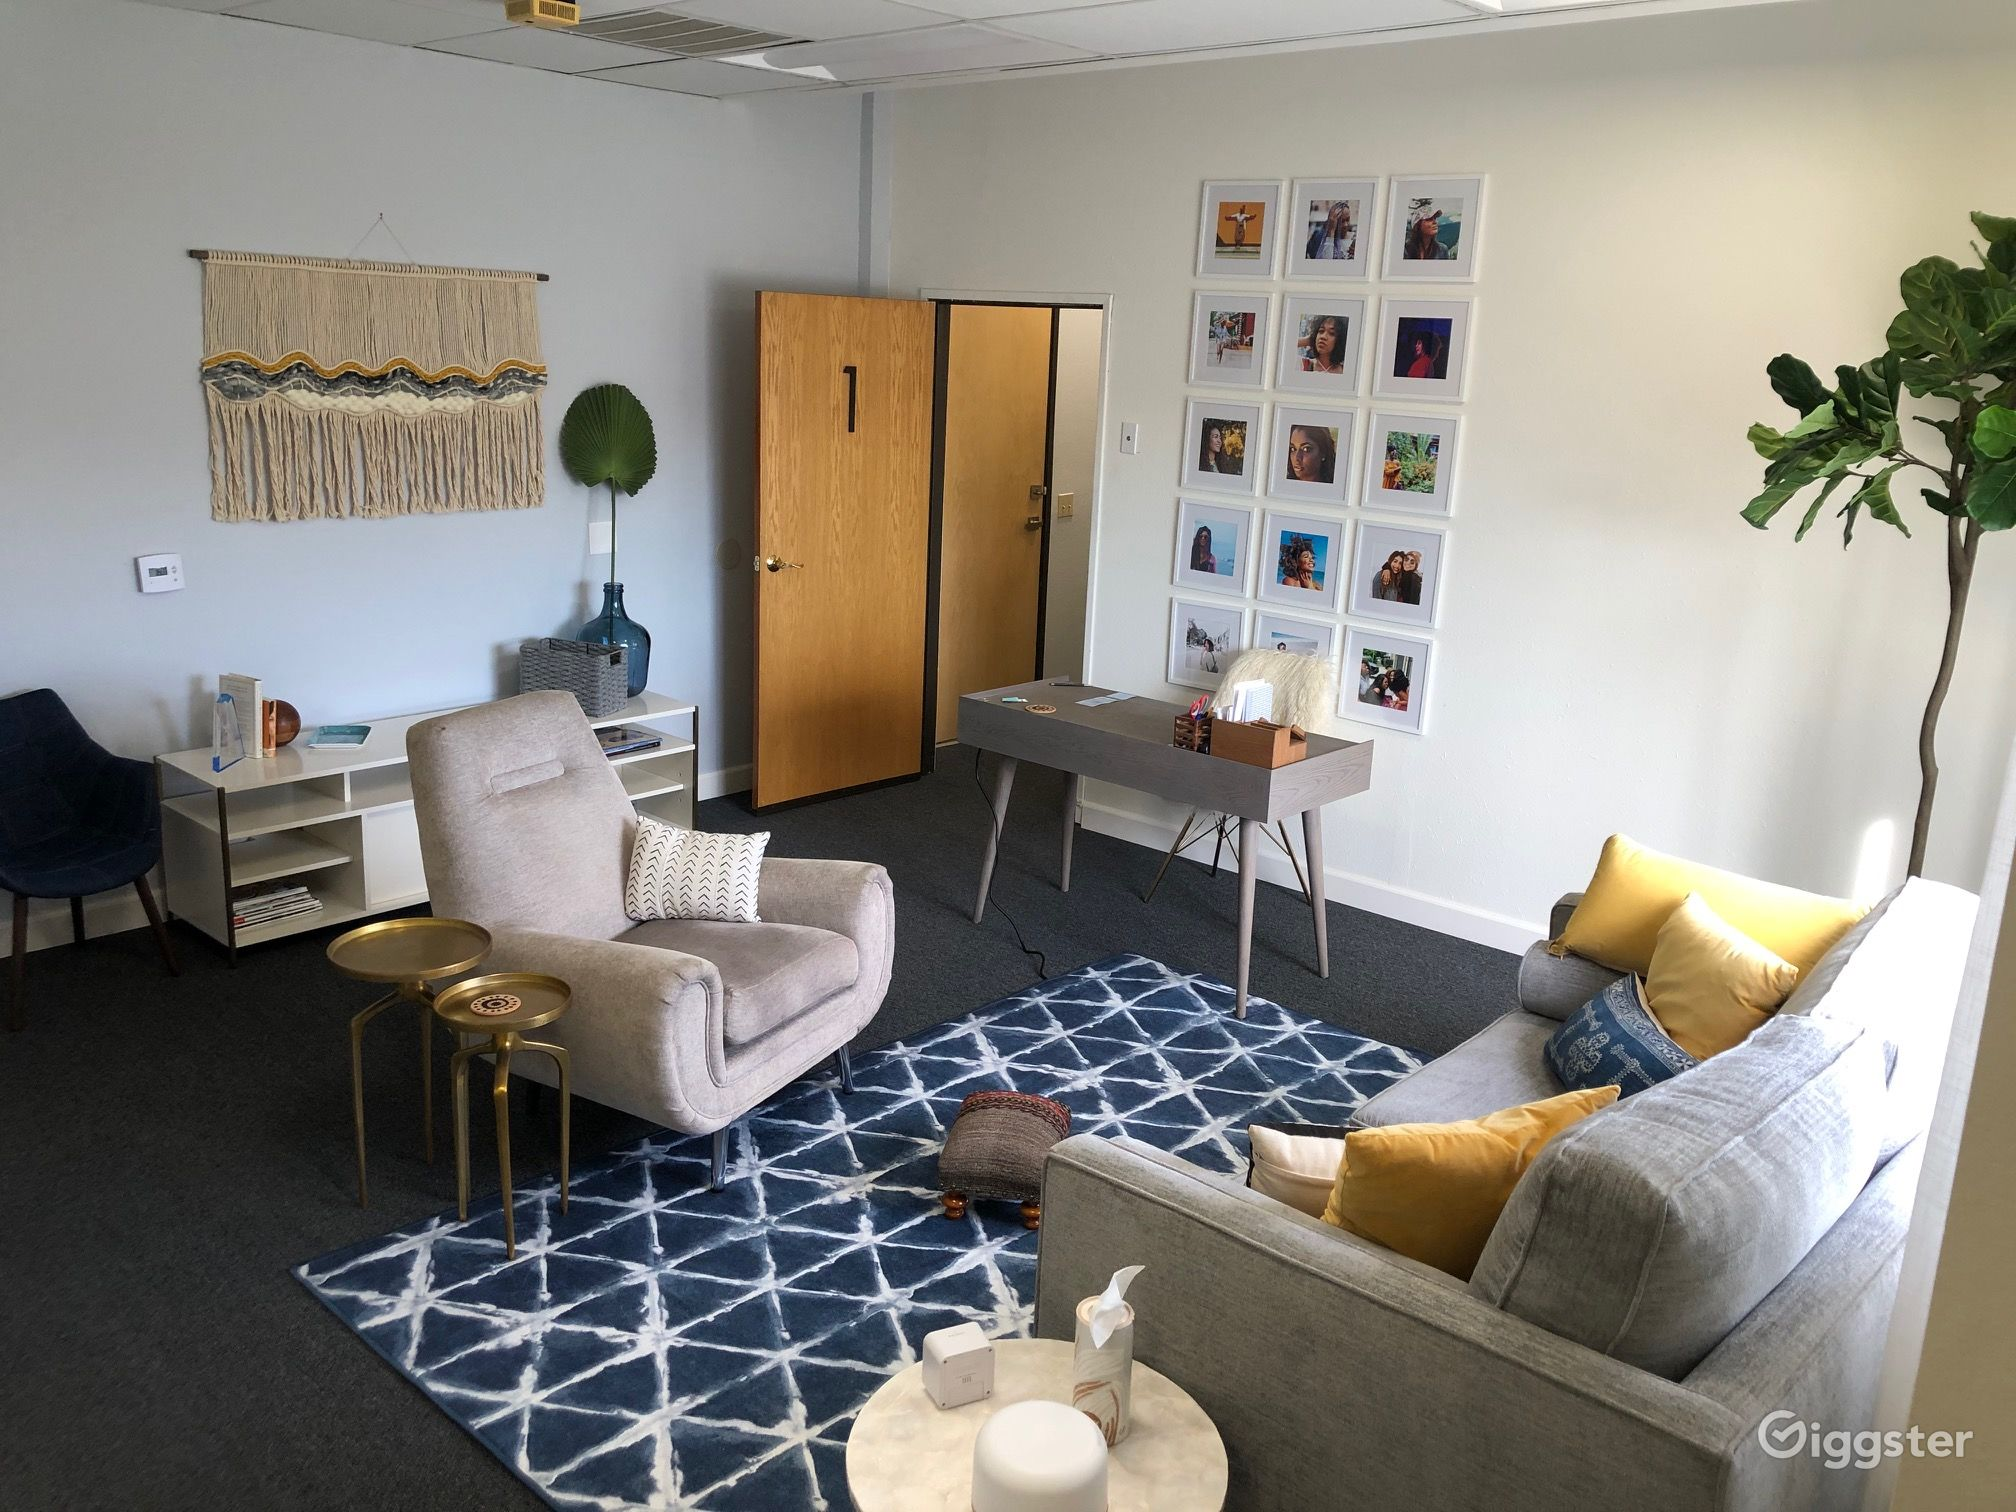 Westside Midcentury Modern Office with Boho Vibe